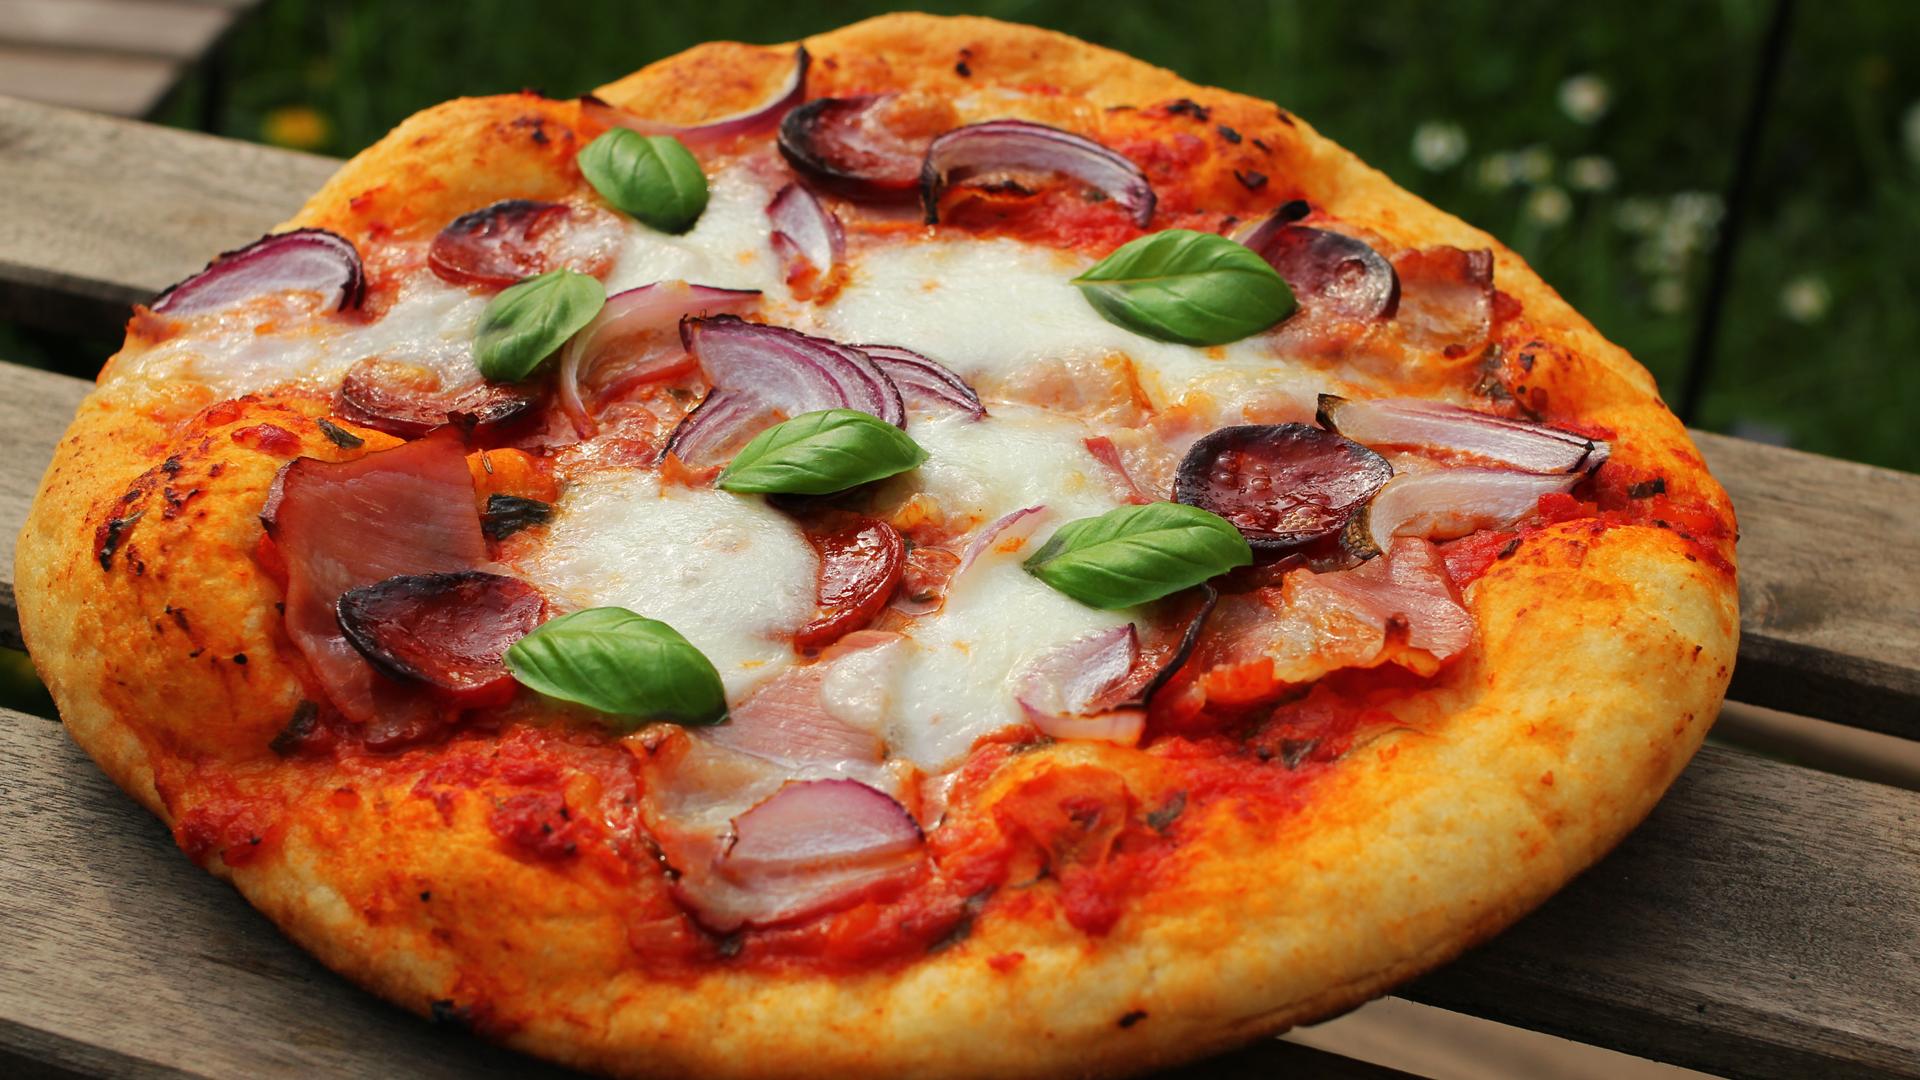 serpenyős pizza_1.jpg